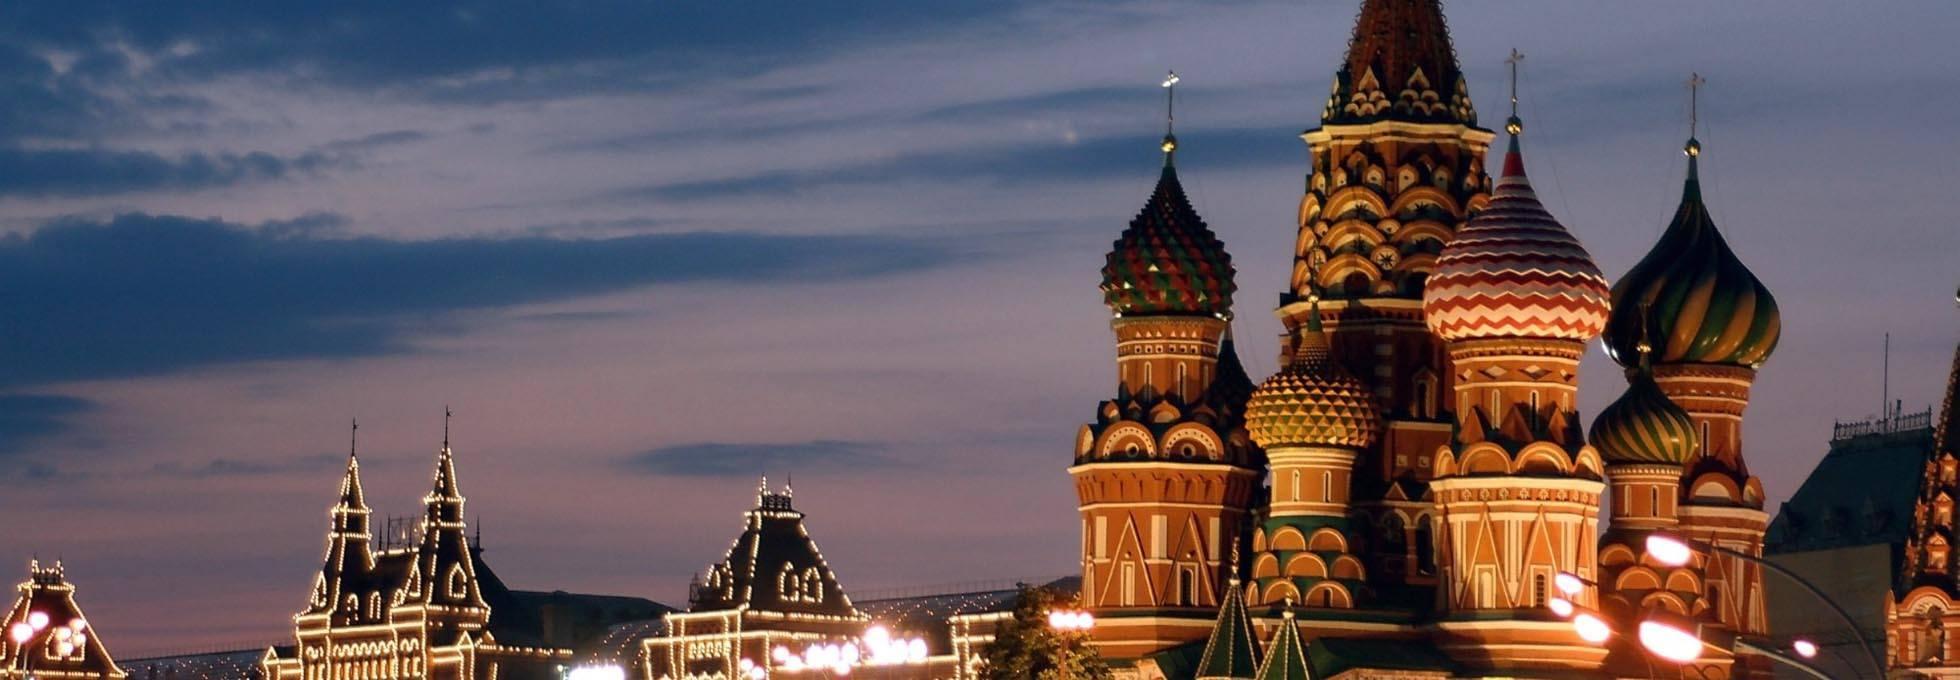 Russian Study Russian Is It 109